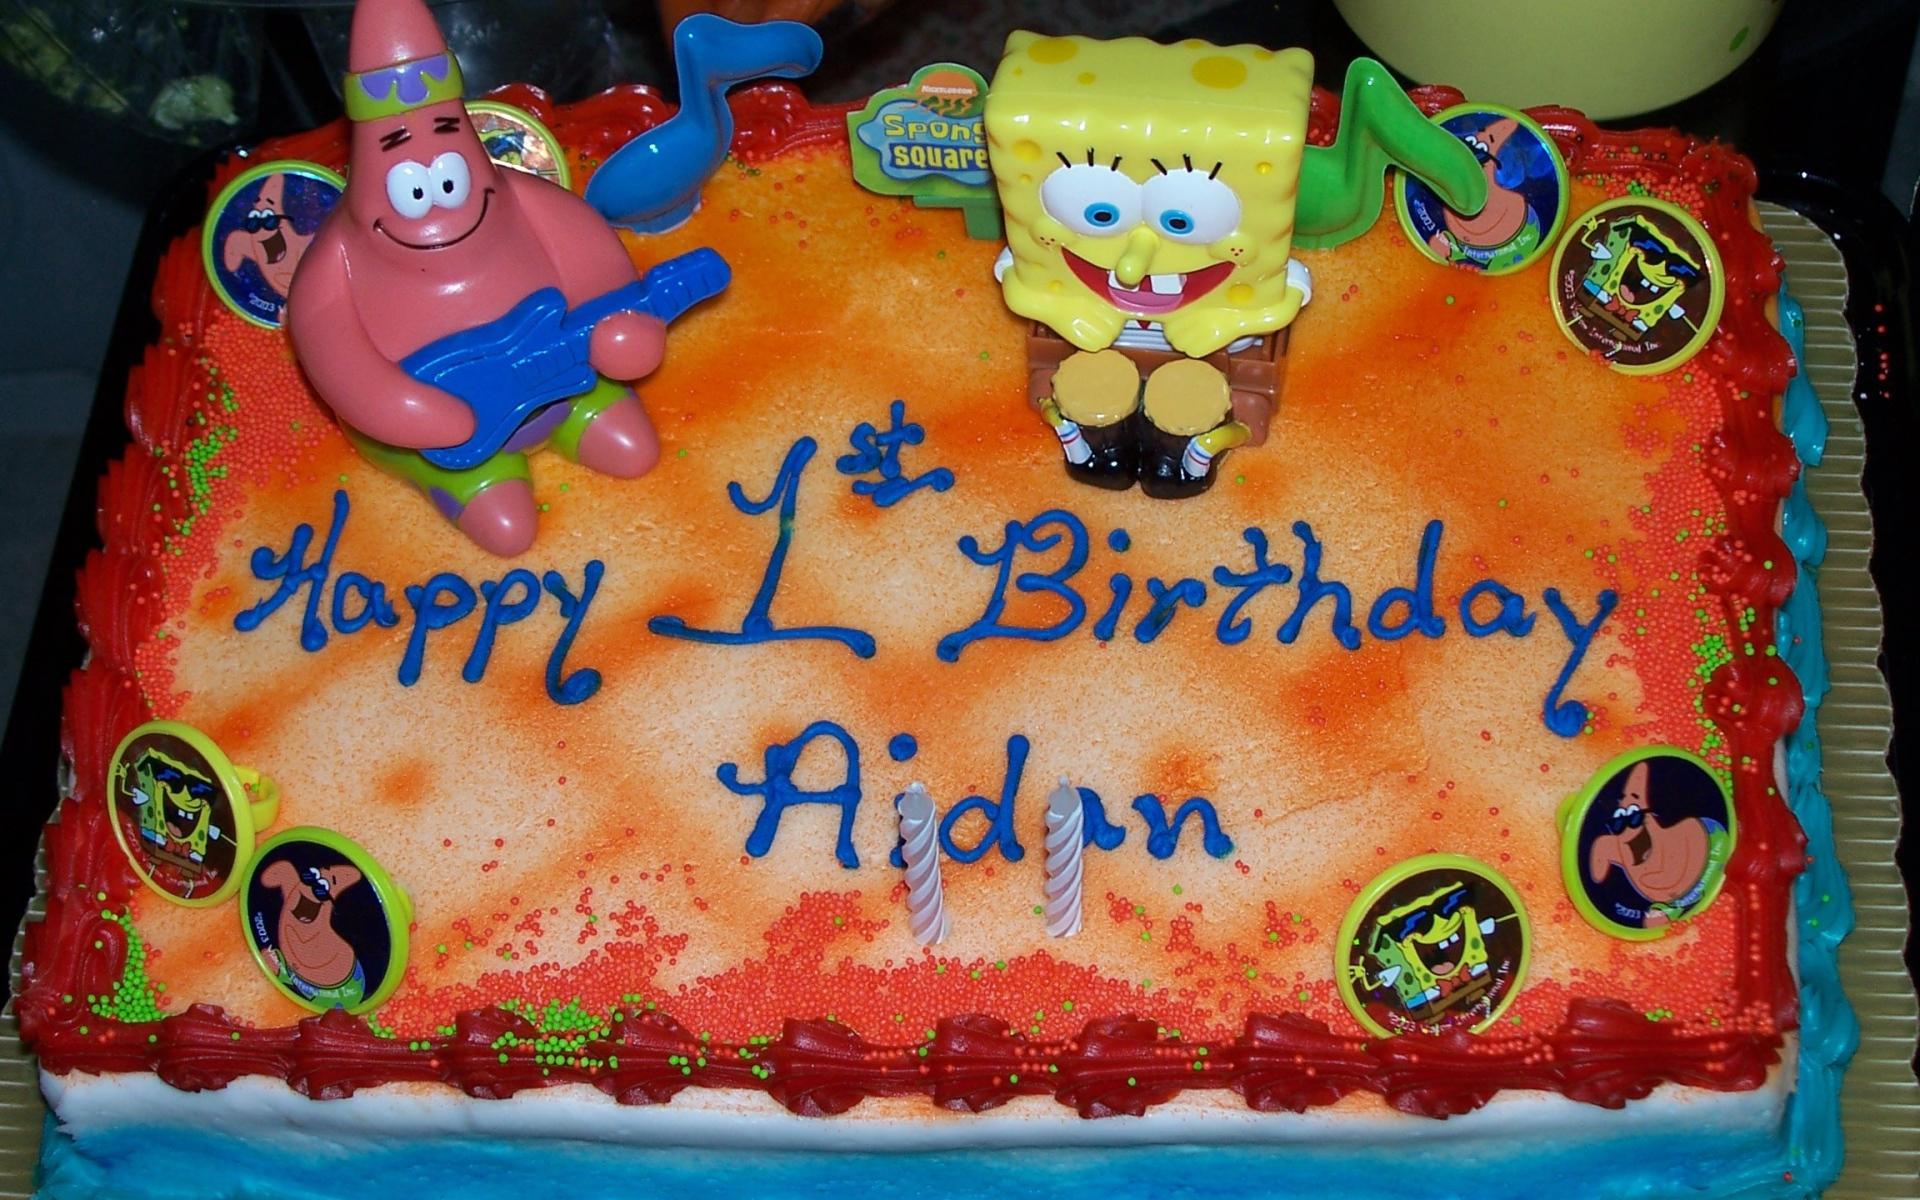 Губка Боб Квадратные Штаны торт ко дню рождения - С Днем Рождения поздравительные картинки